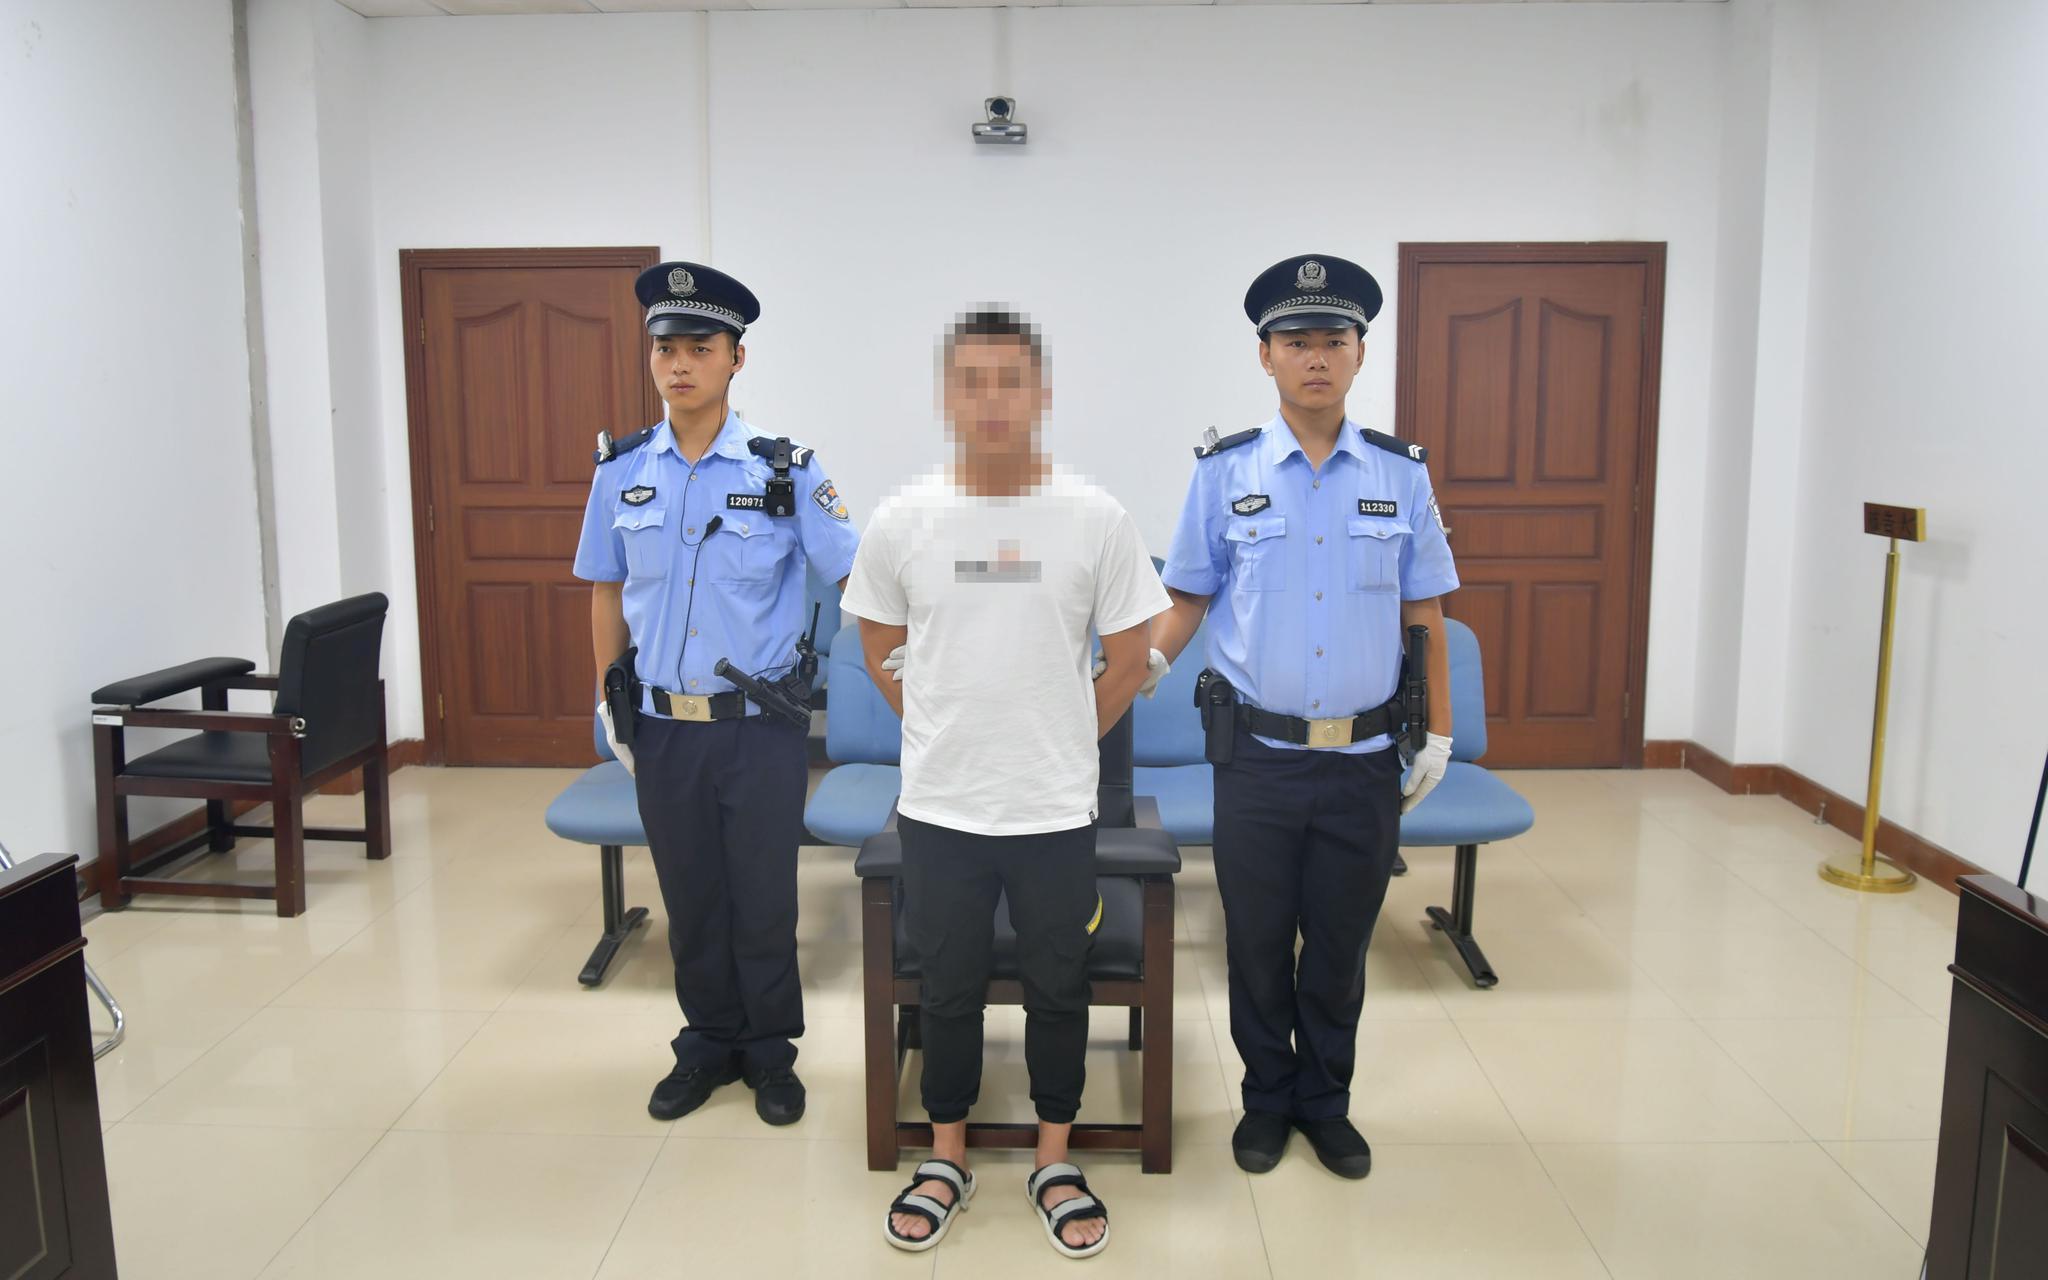 教唆他人醉酒驾驶机动车,北京一男子被判拘役